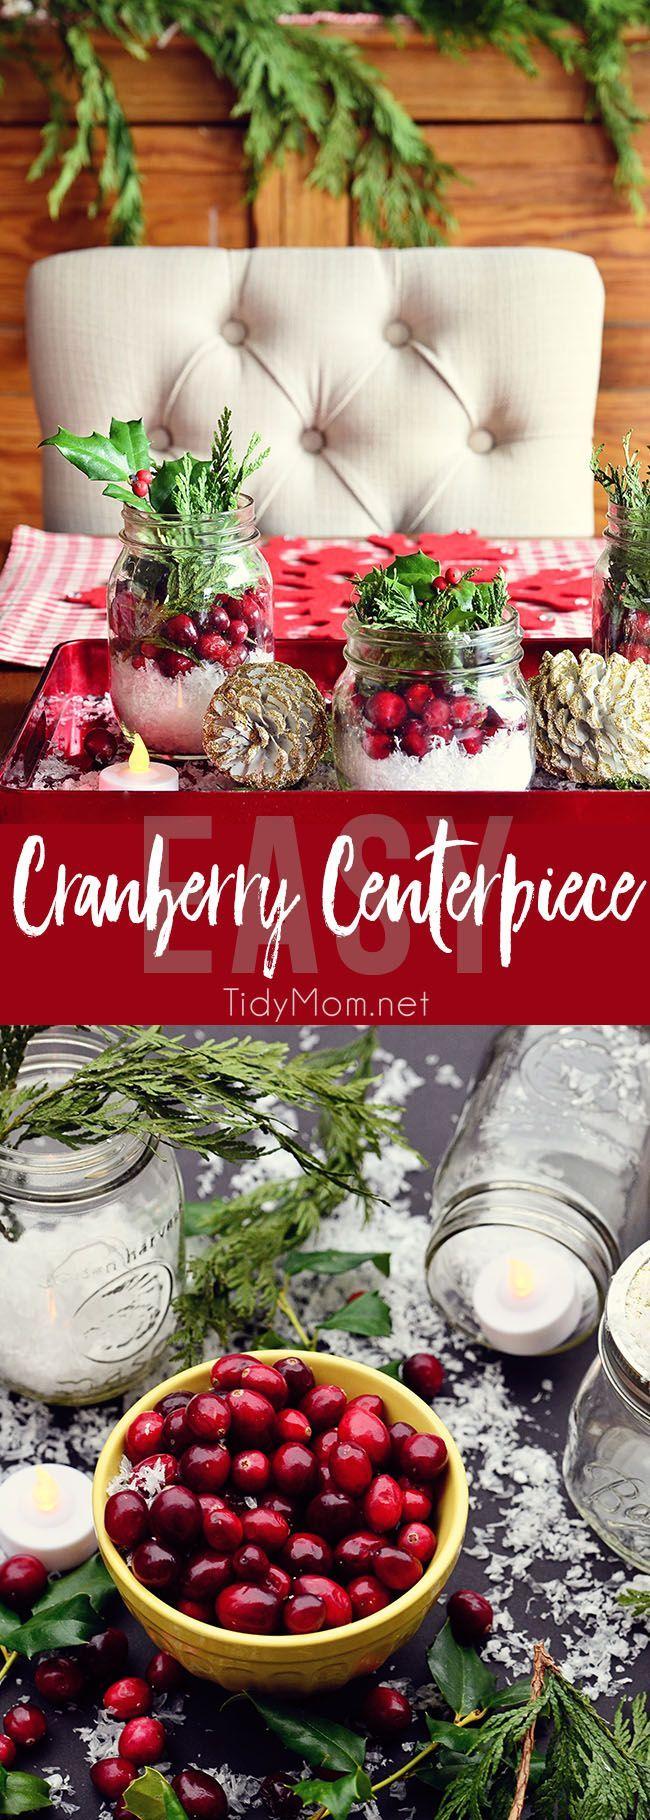 25+ unique Cranberry centerpiece ideas on Pinterest | Diy ...